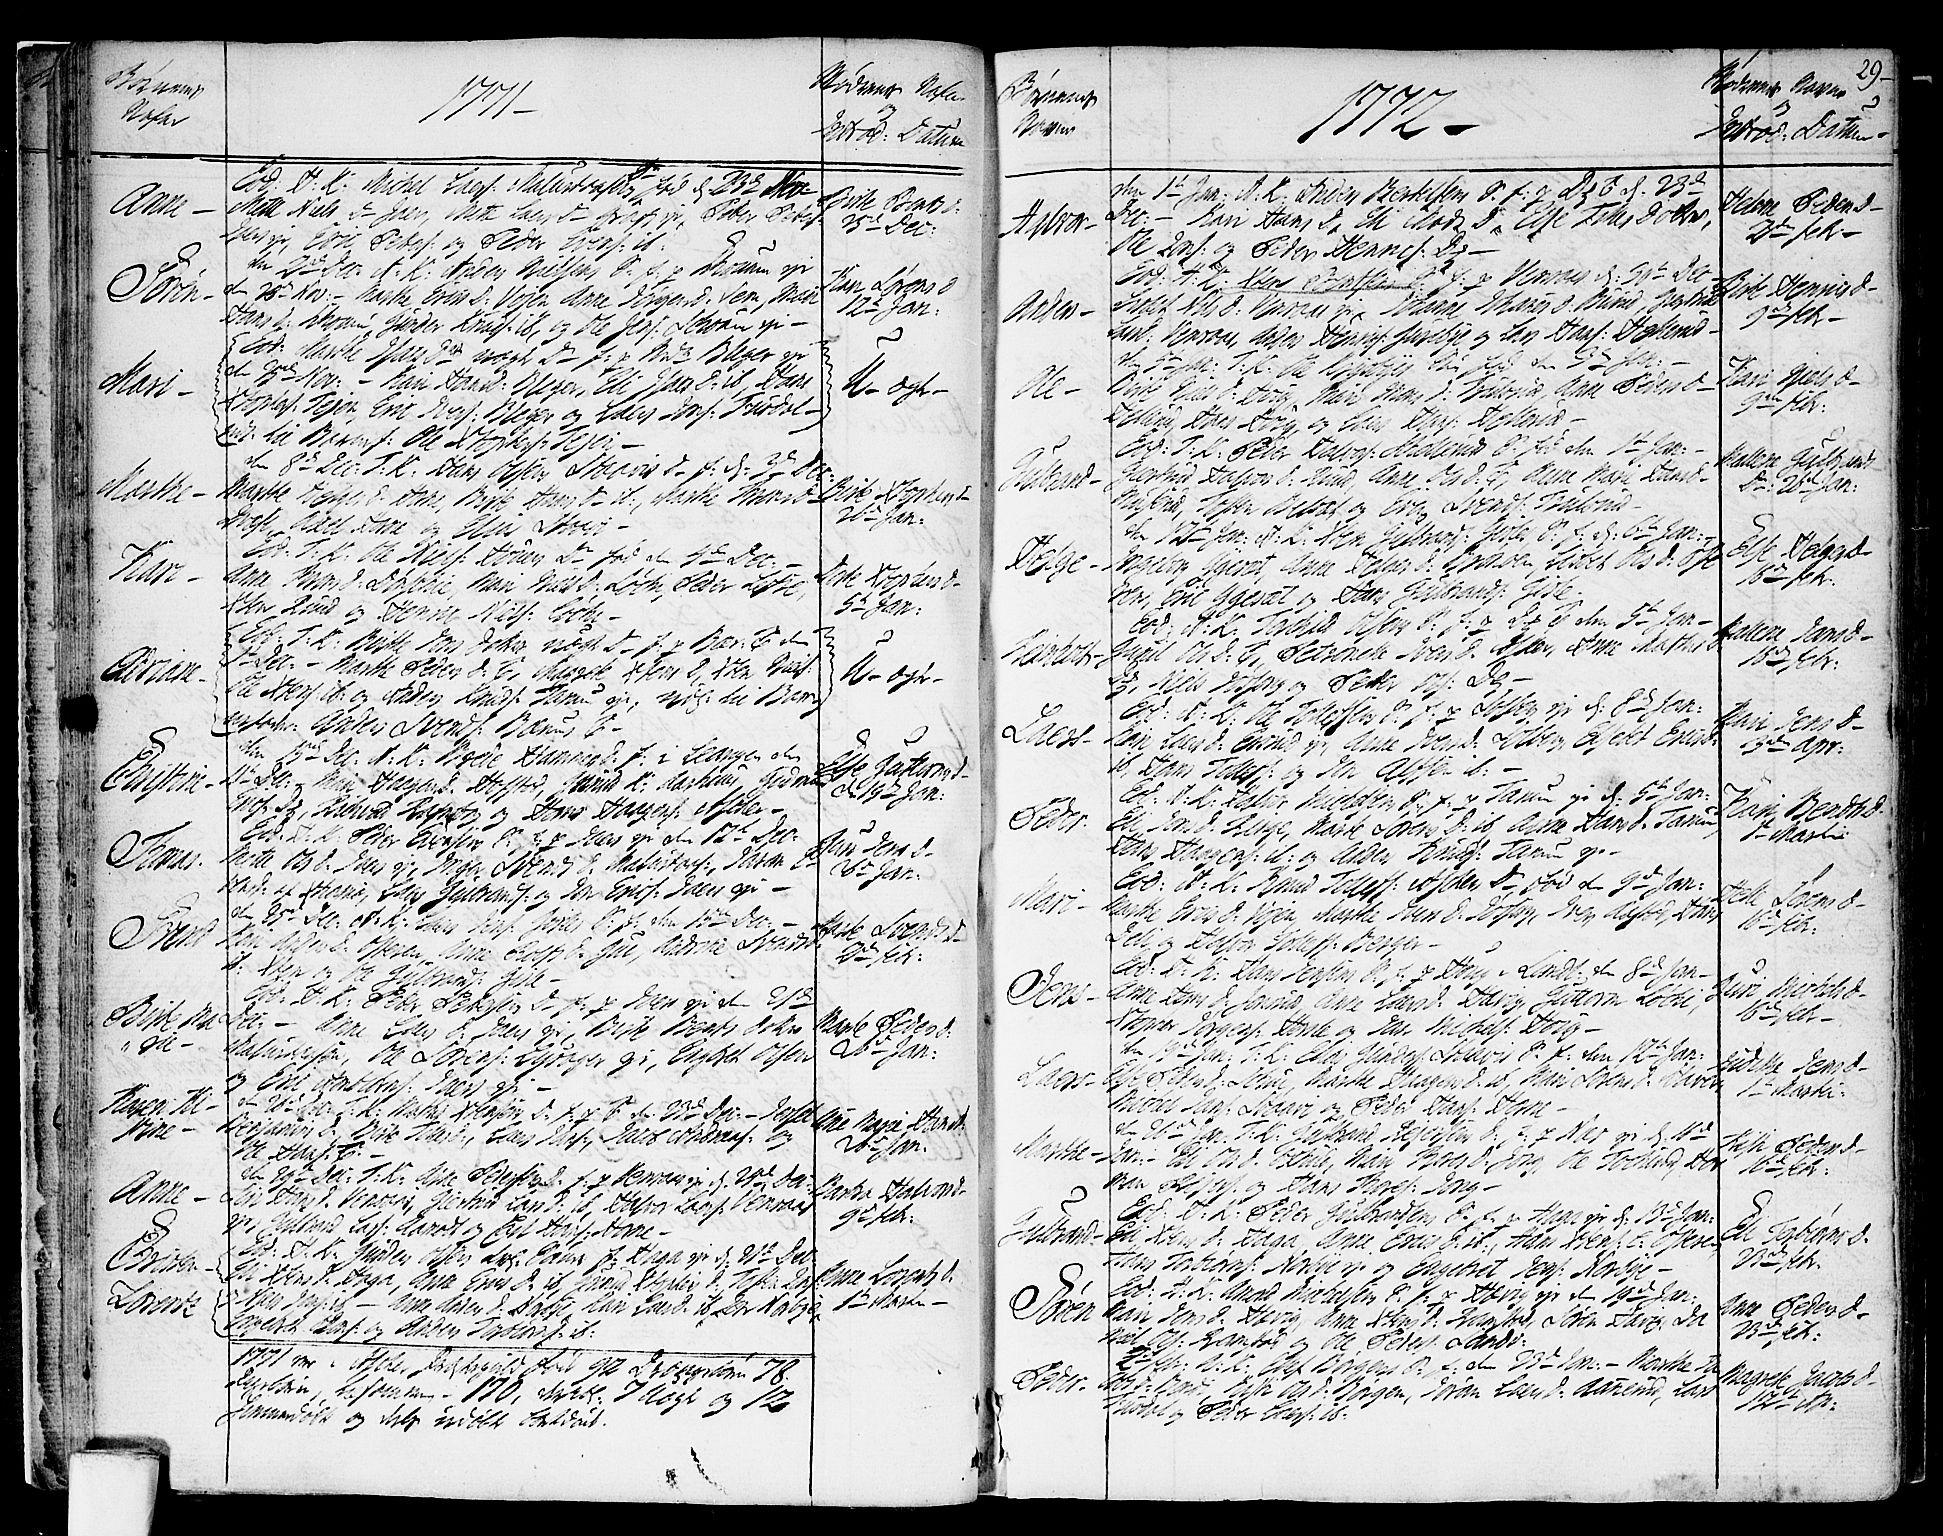 SAO, Asker prestekontor Kirkebøker, F/Fa/L0003: Ministerialbok nr. I 3, 1767-1807, s. 29